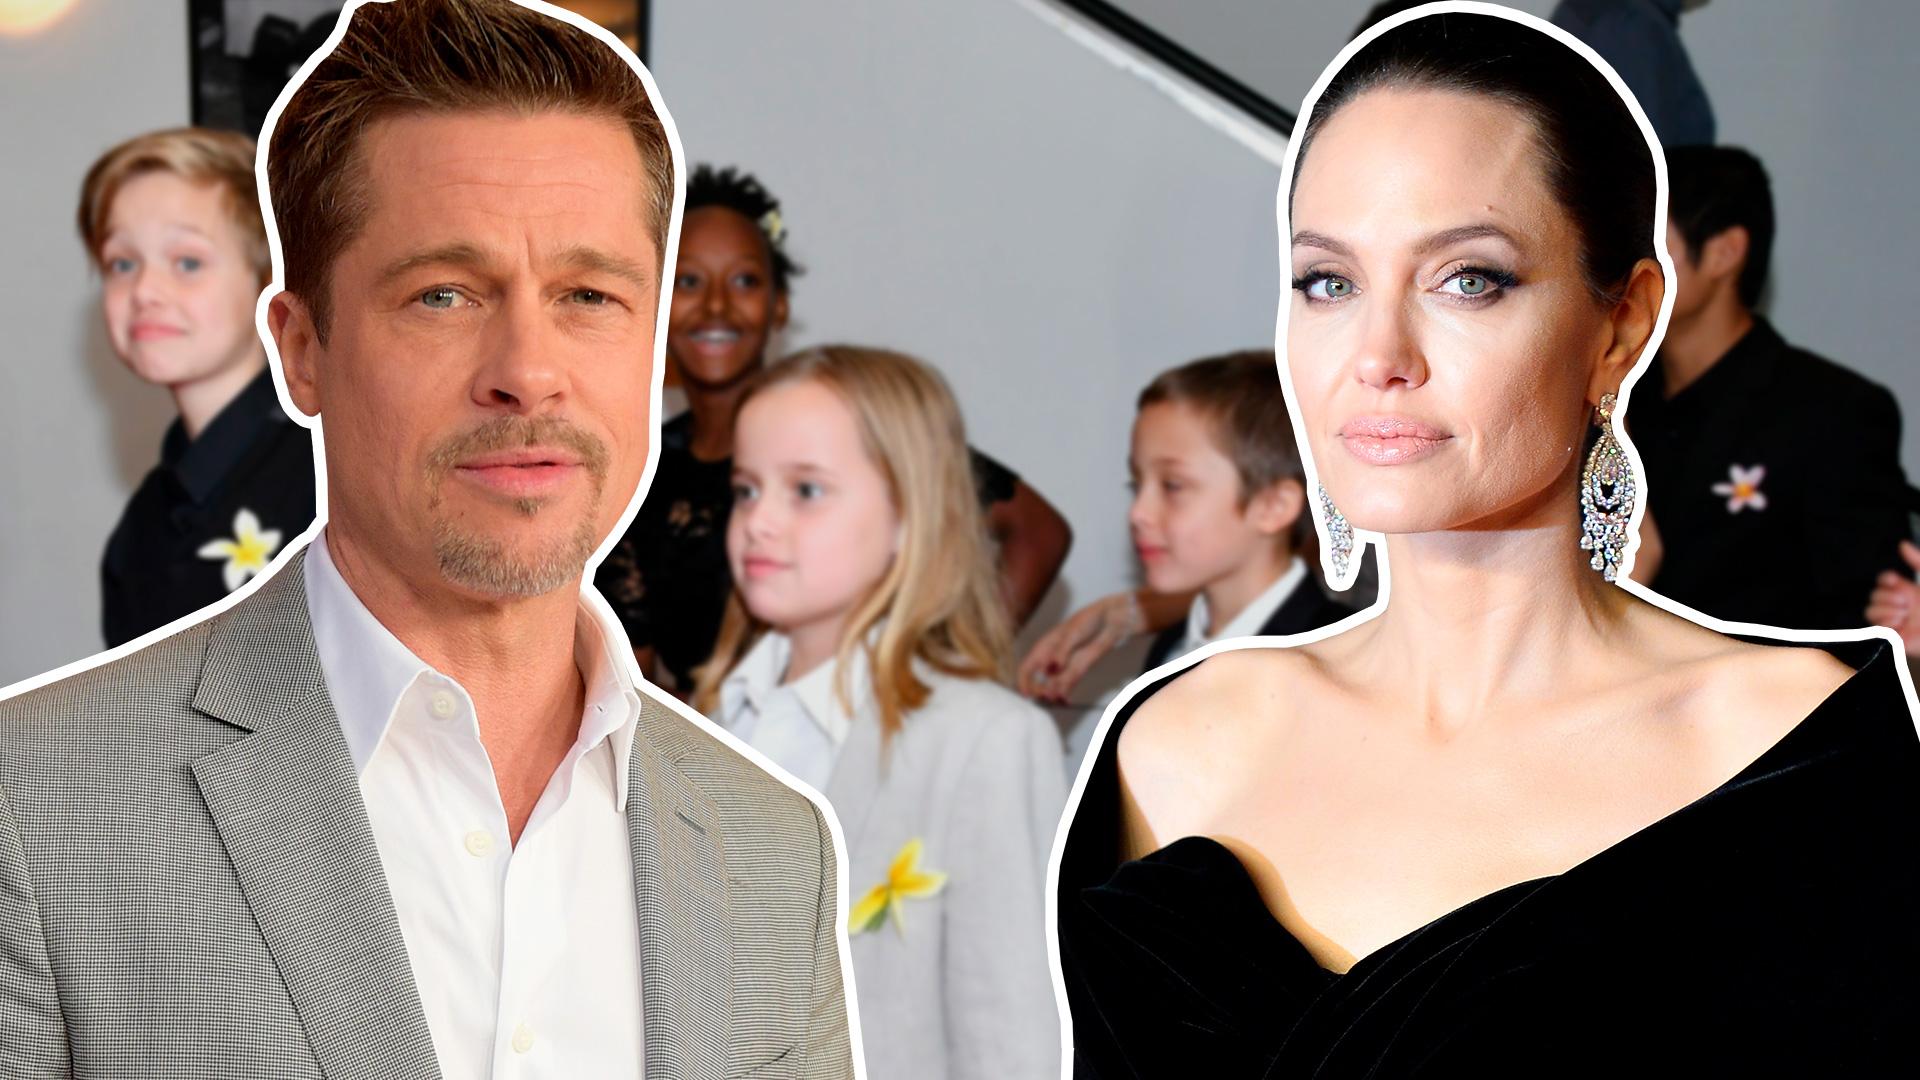 La batalla campal entre Angelina Jolie y Brad Pitt por la custodia de sus hijos, ya tiene fecha de estreno